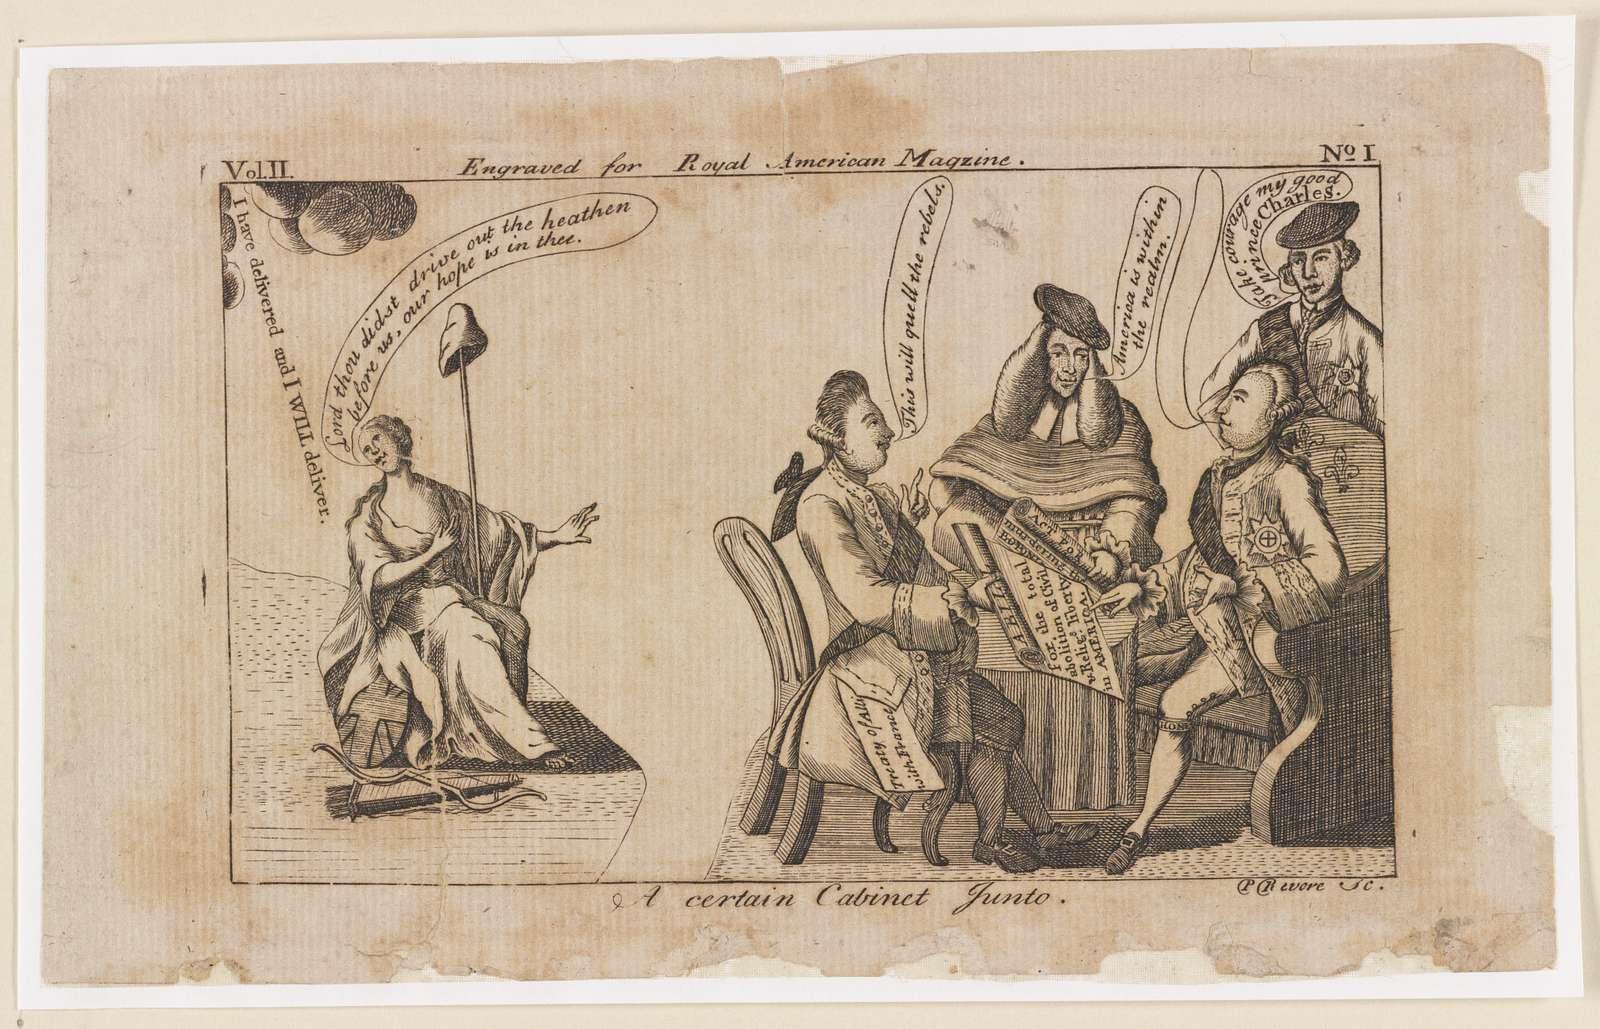 A certain cabinet junto / P. Revere, sc.